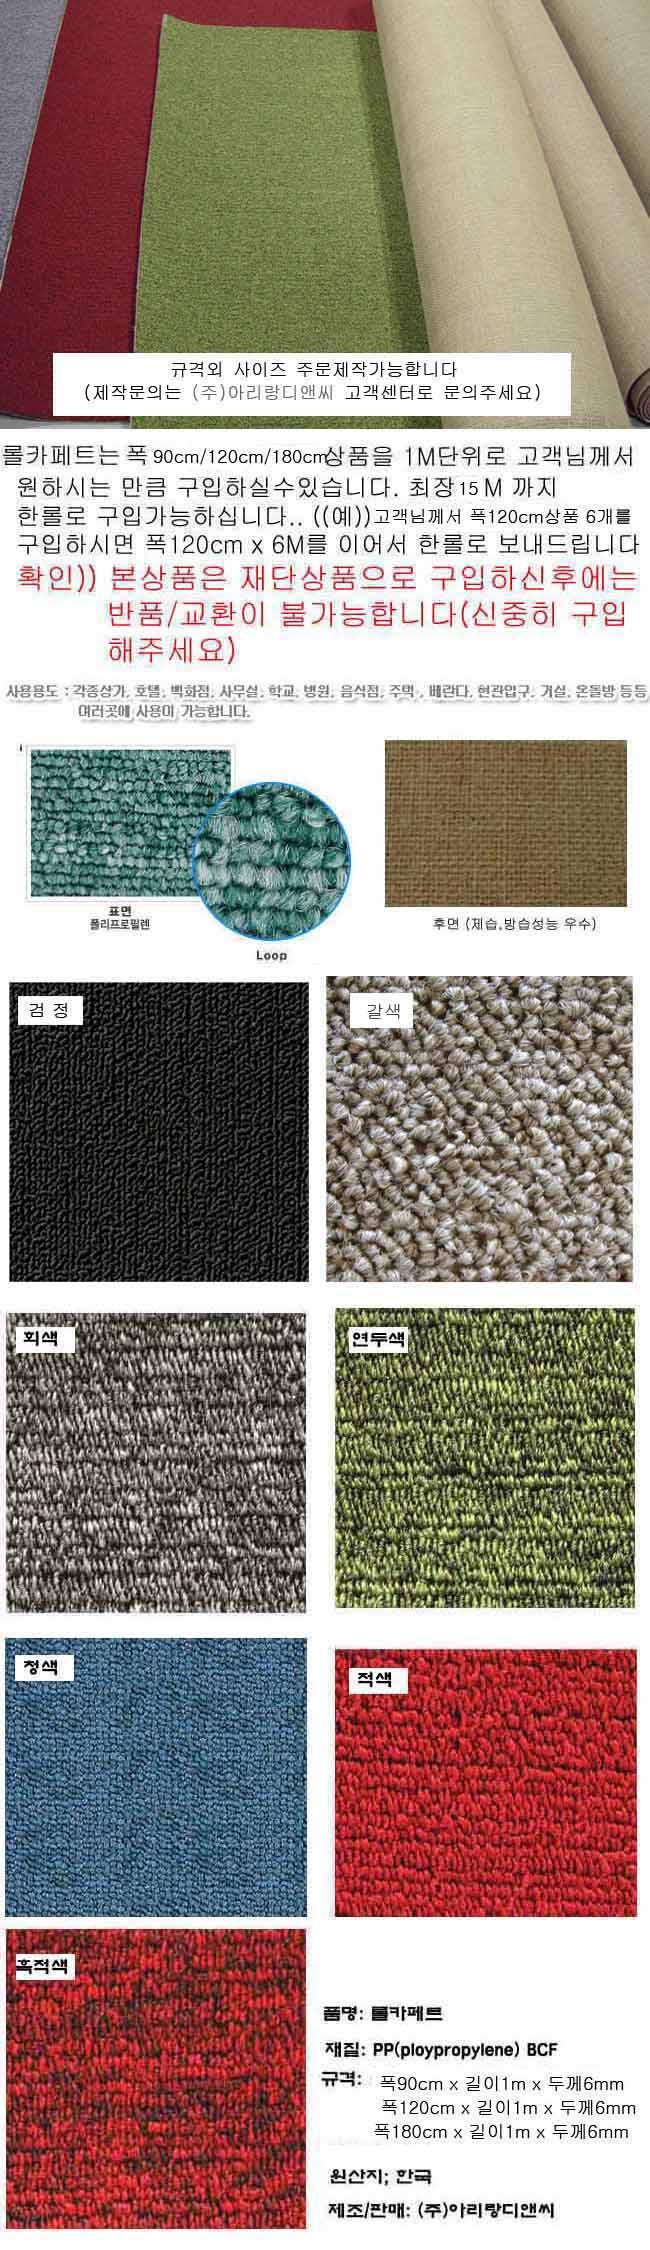 롤카페트(180cm x 1M) - 디아이와이데코, 30,000원, 장식/부자재, 바닥장식